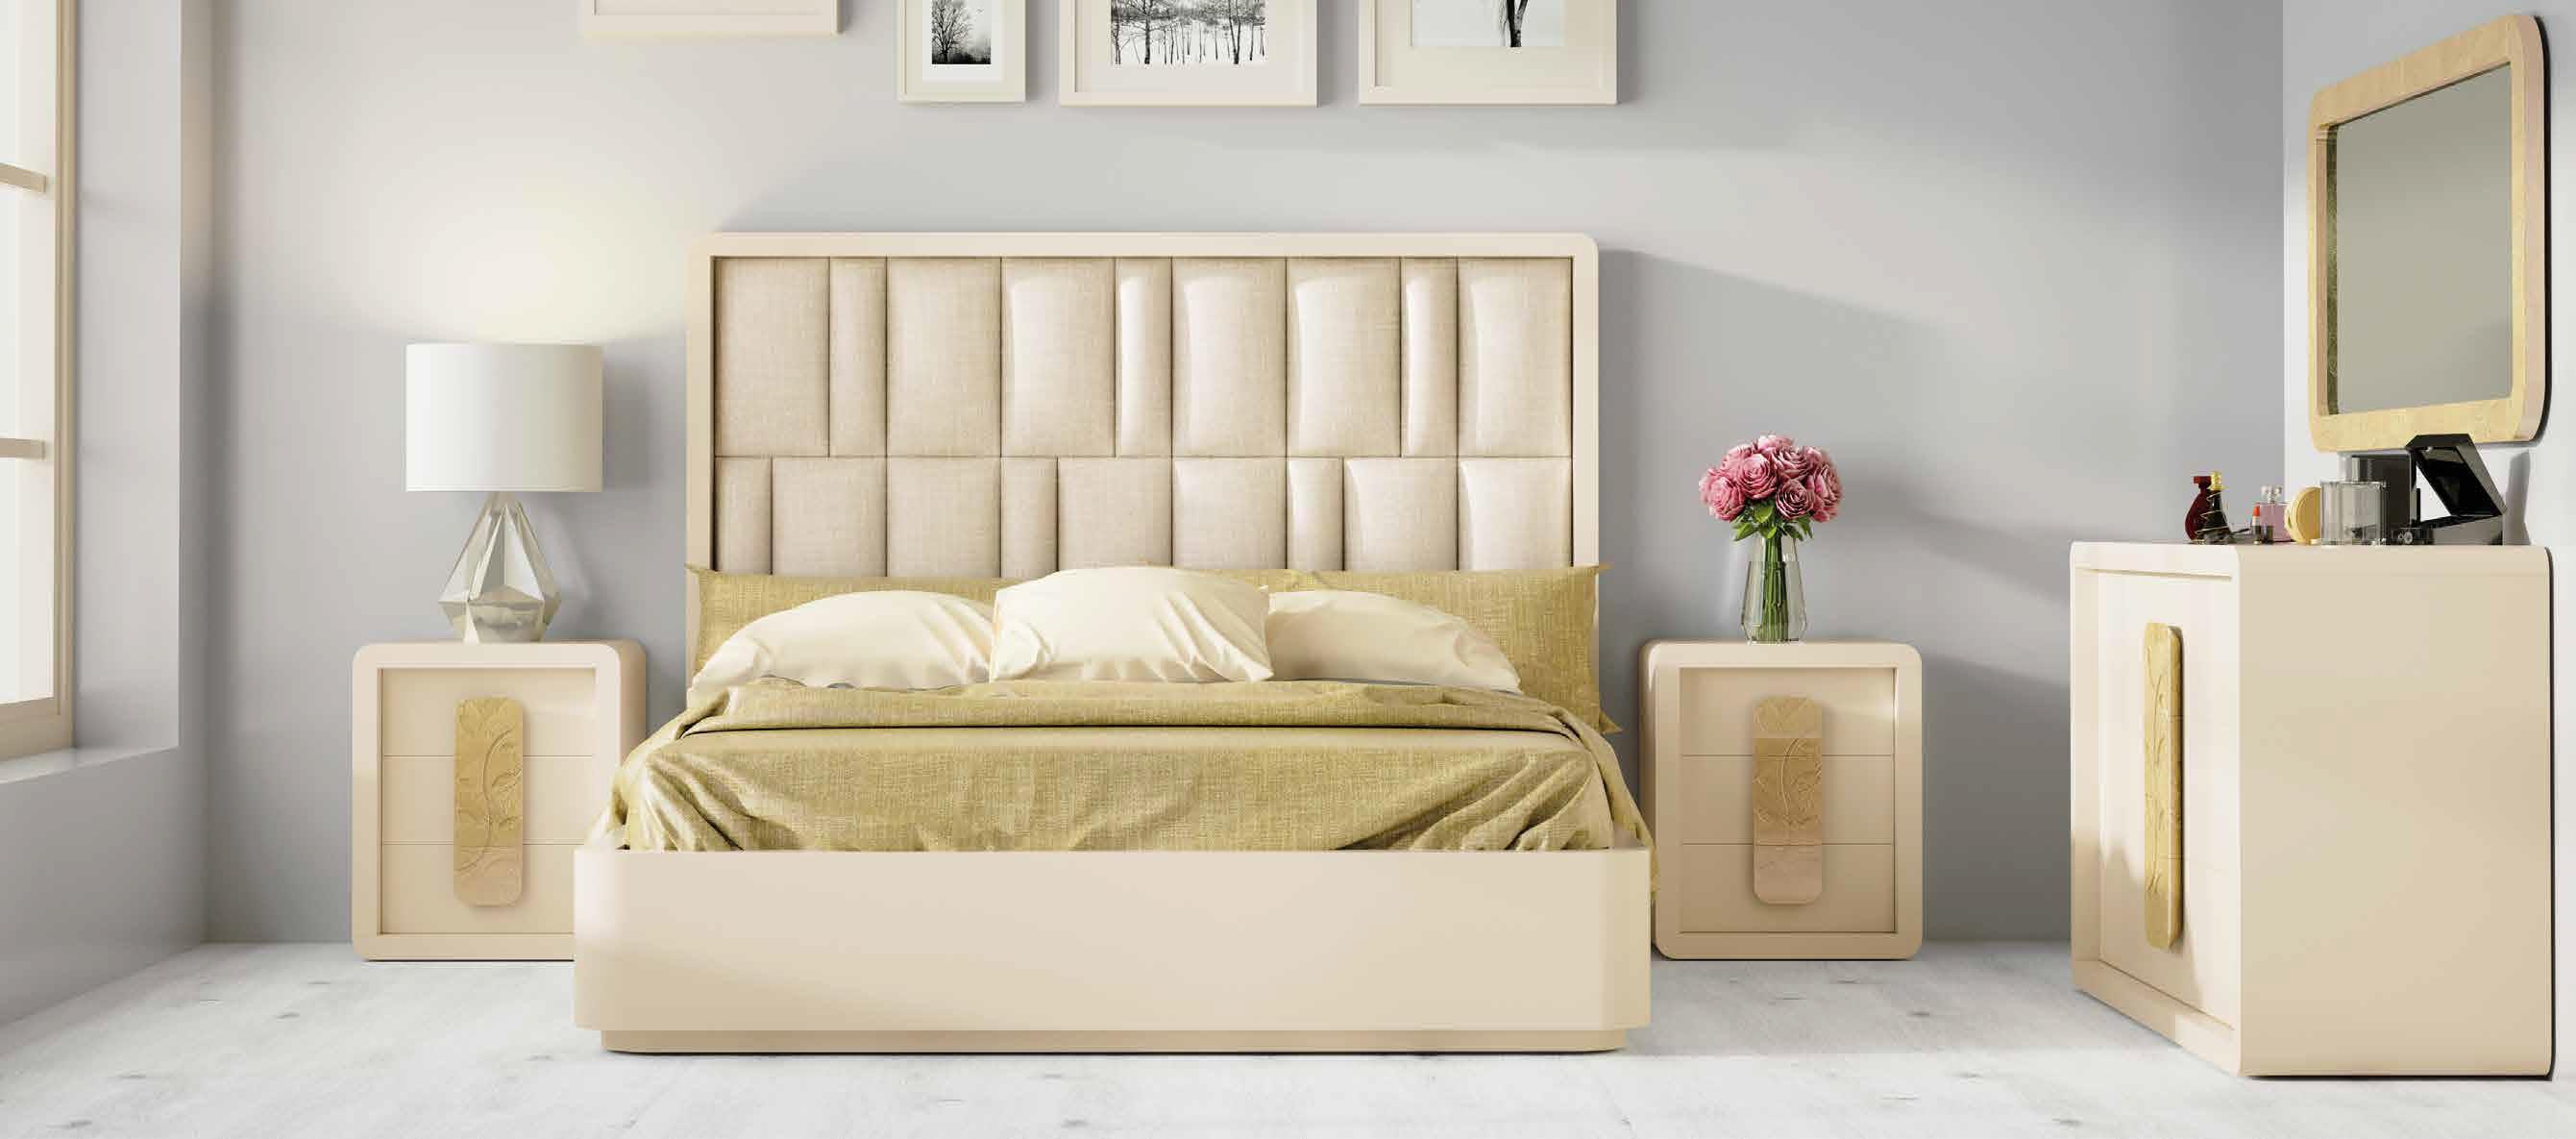 dormitorio-contemporaneo-Vol-3-muebles-paco-caballero-1220-5caf7809de0b6